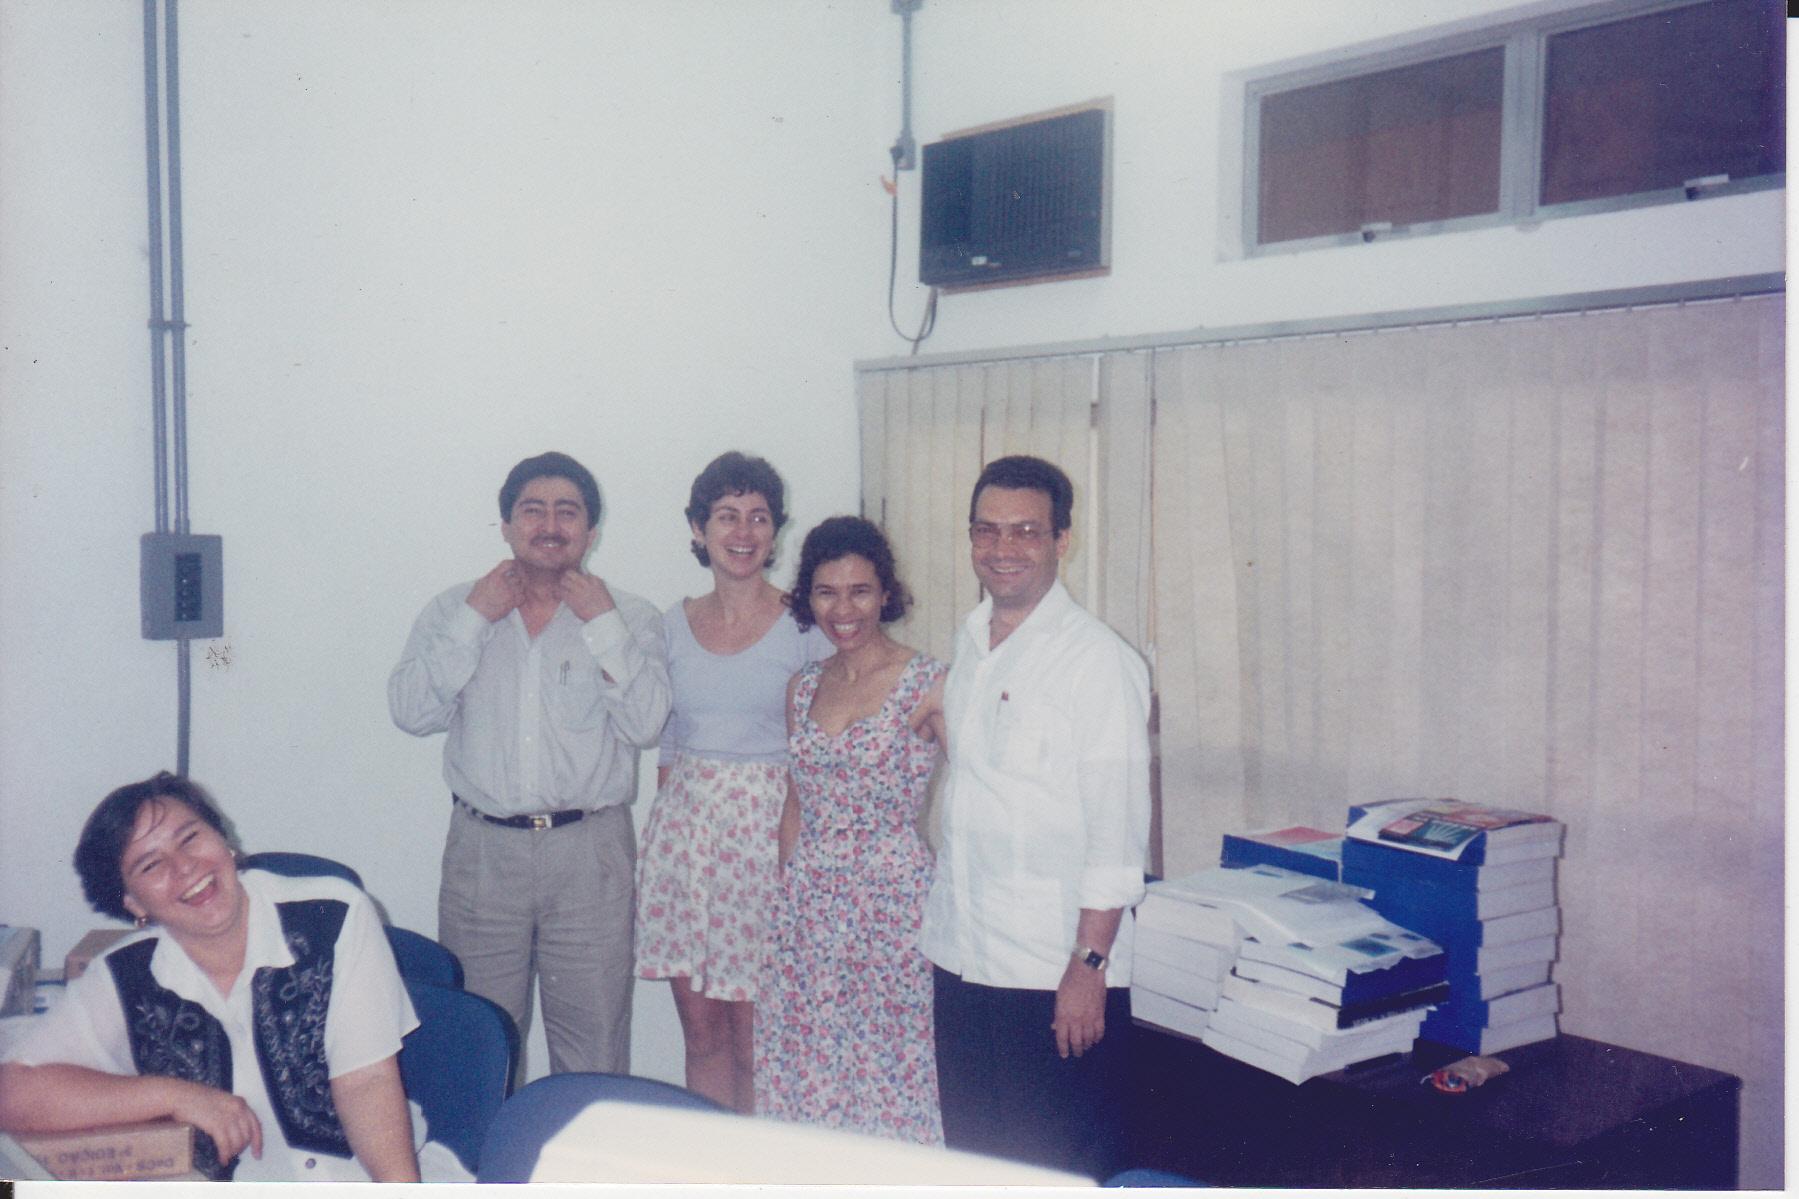 Salvador Montes - El Salvador